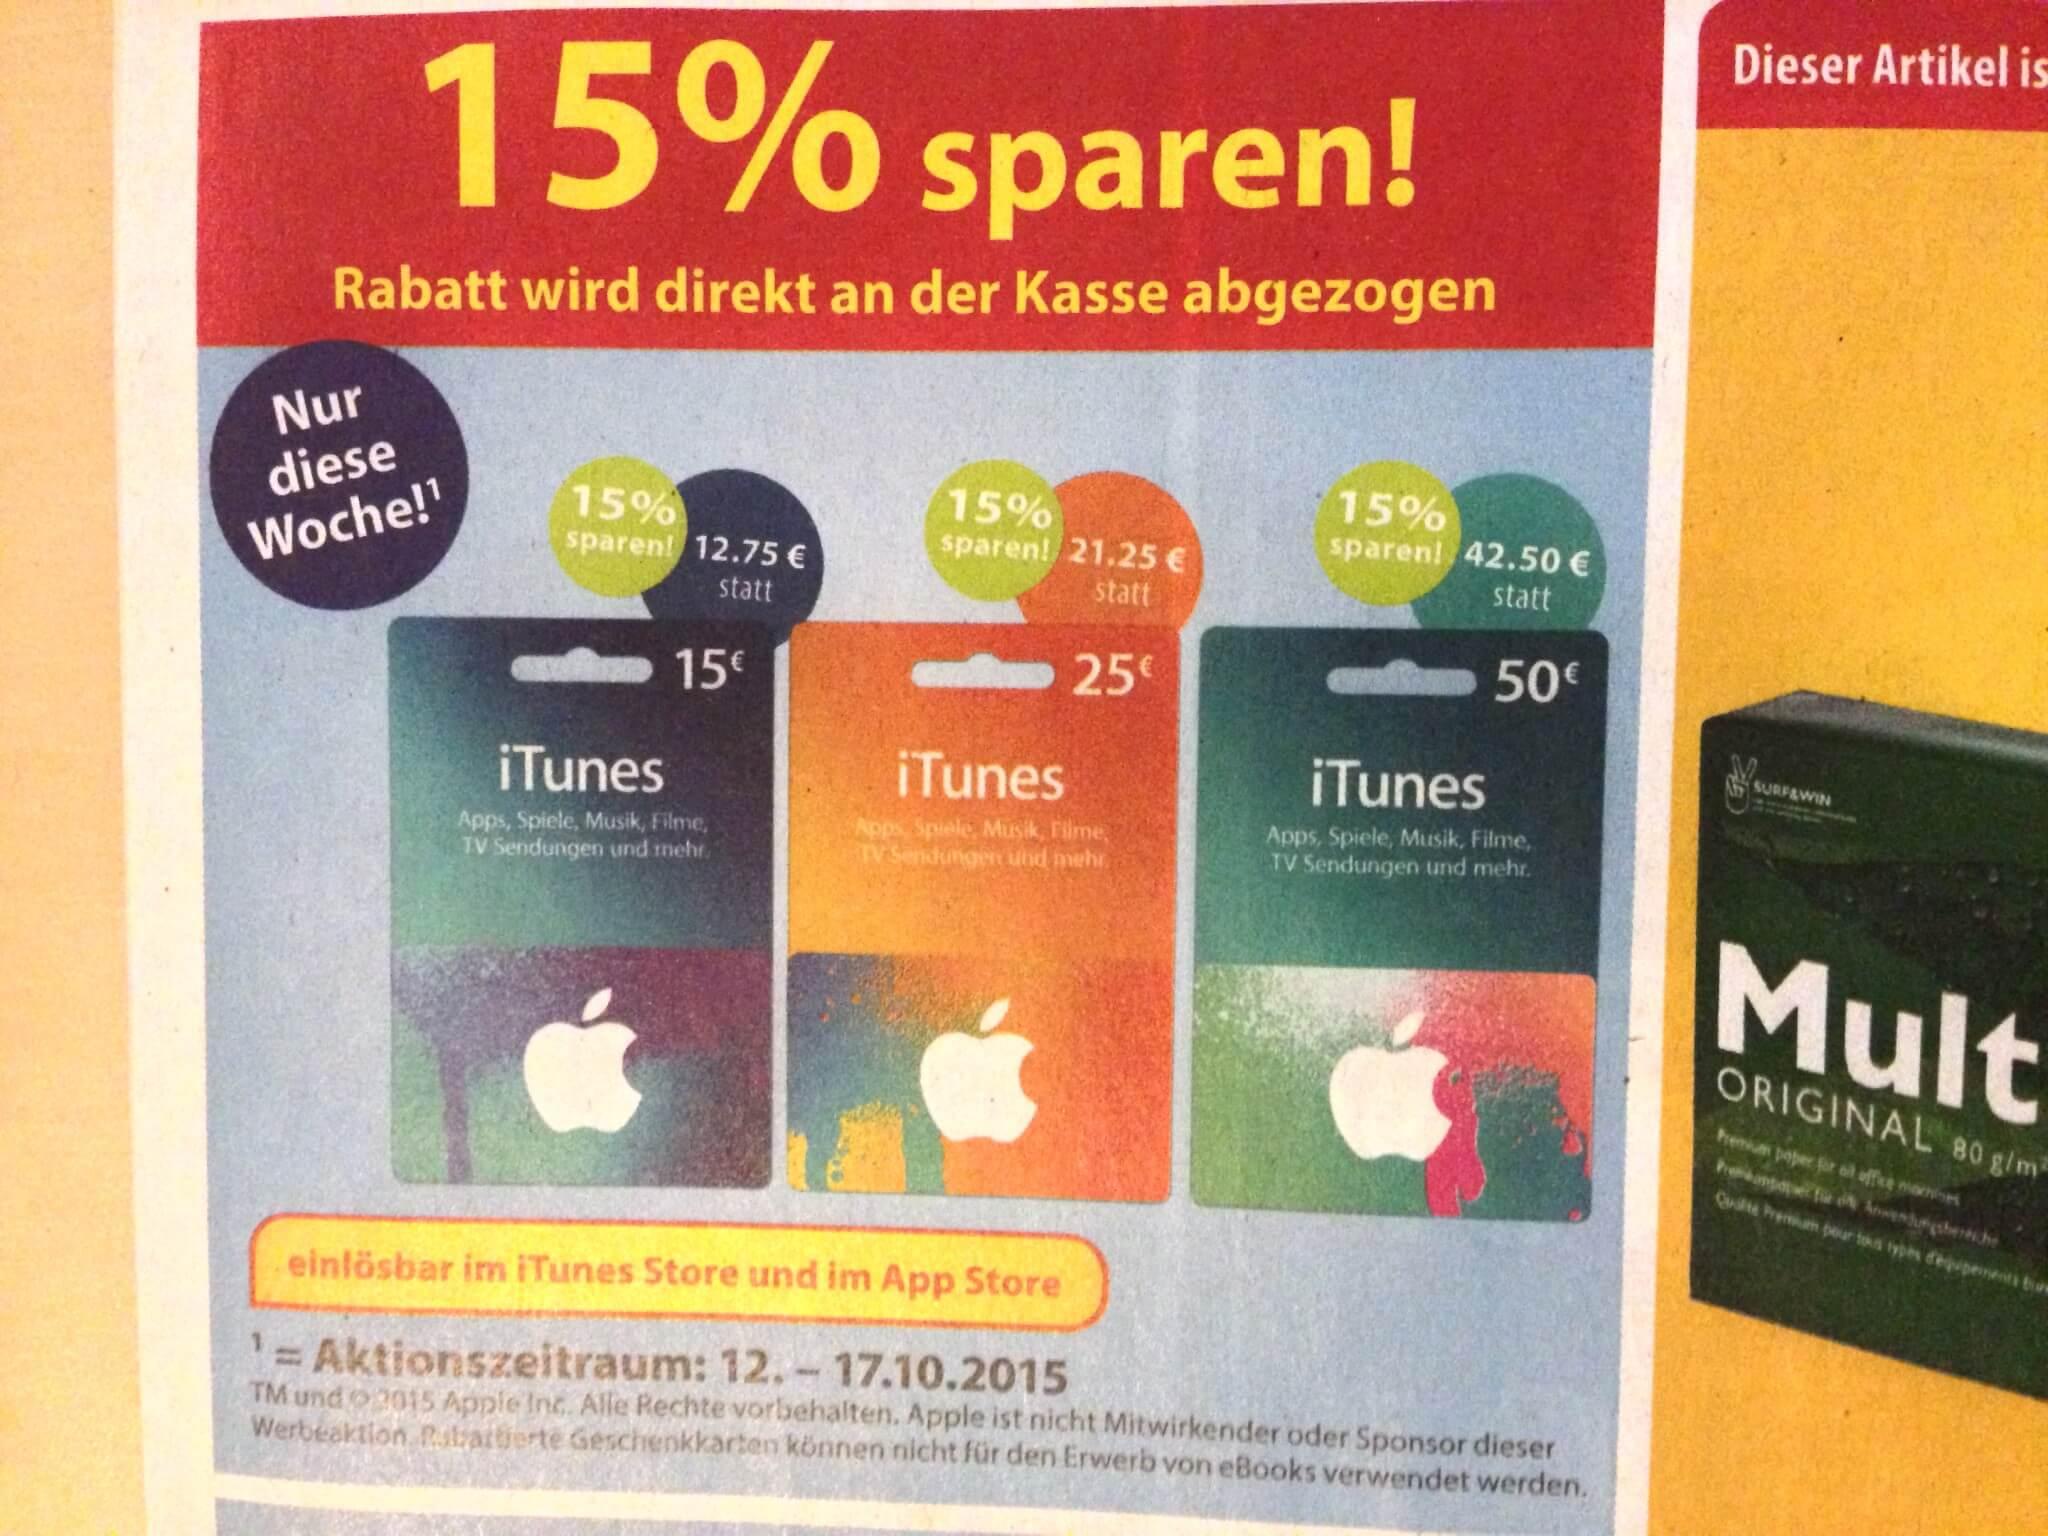 iTunes-Guthabenkarten bei Famila im Angebot (aus Famila-Prospekt)